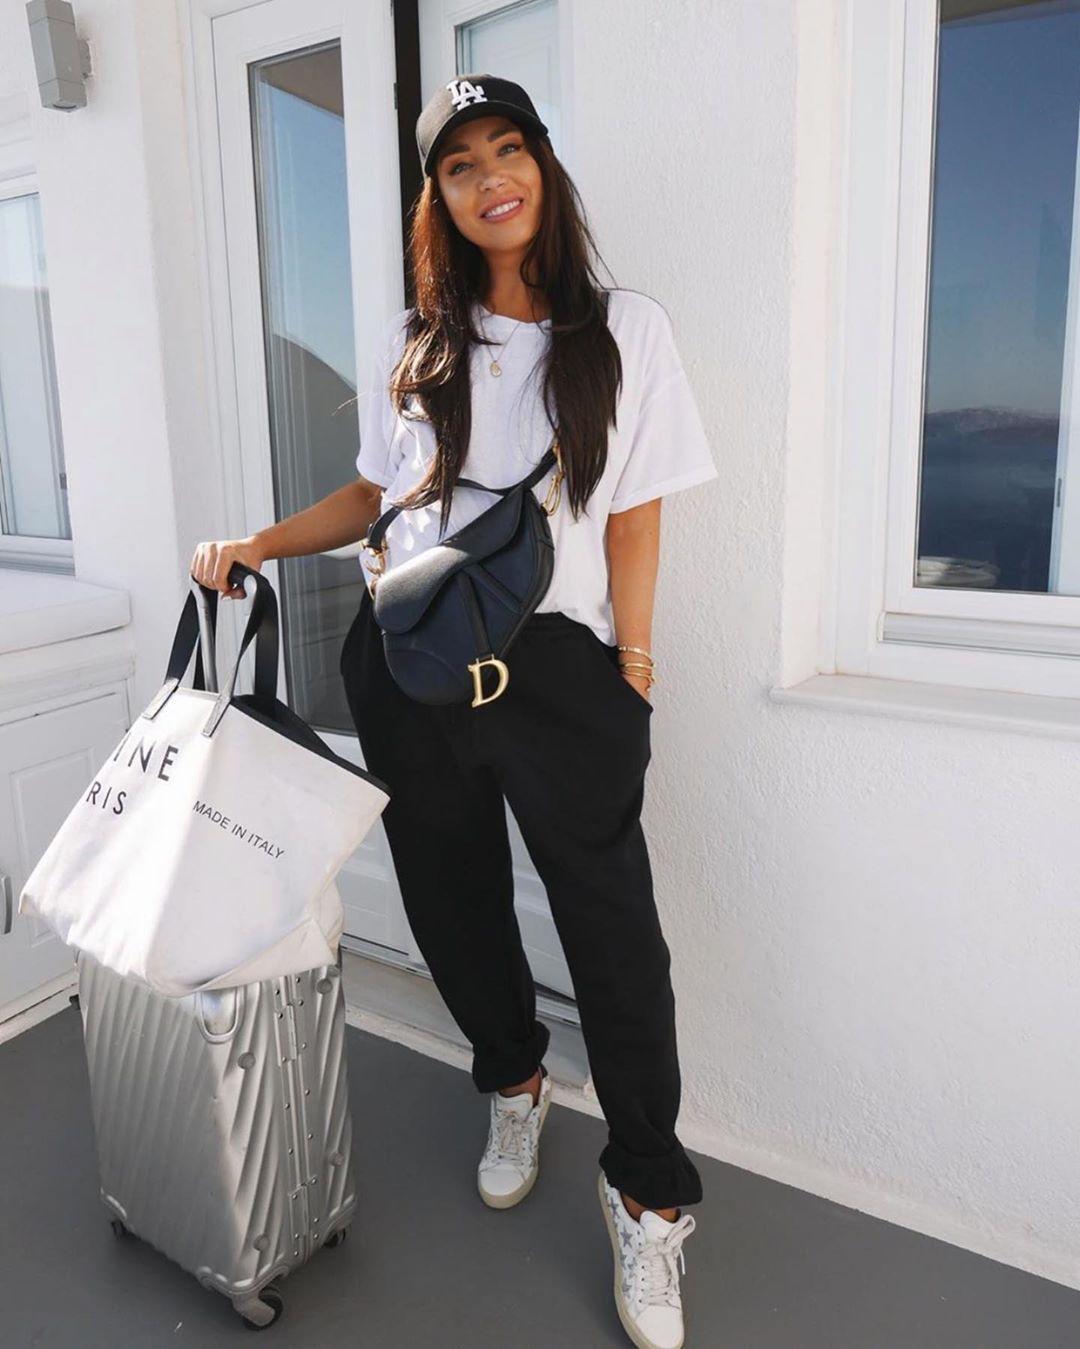 Белые кроссовки + брюки: самые удачные сочетания - 2